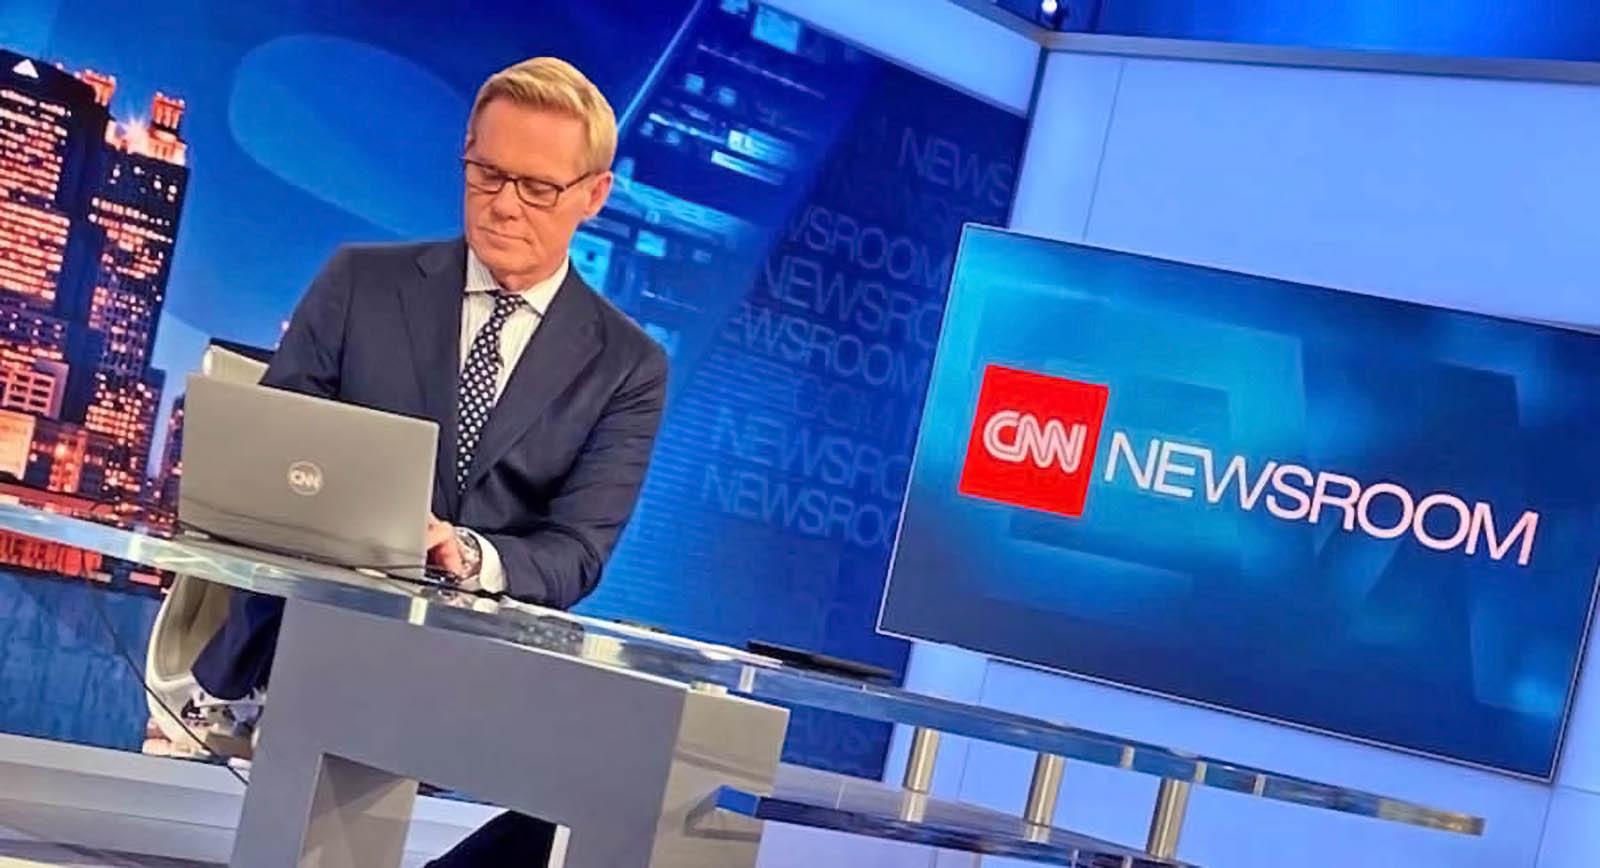 CNN Newsroom set